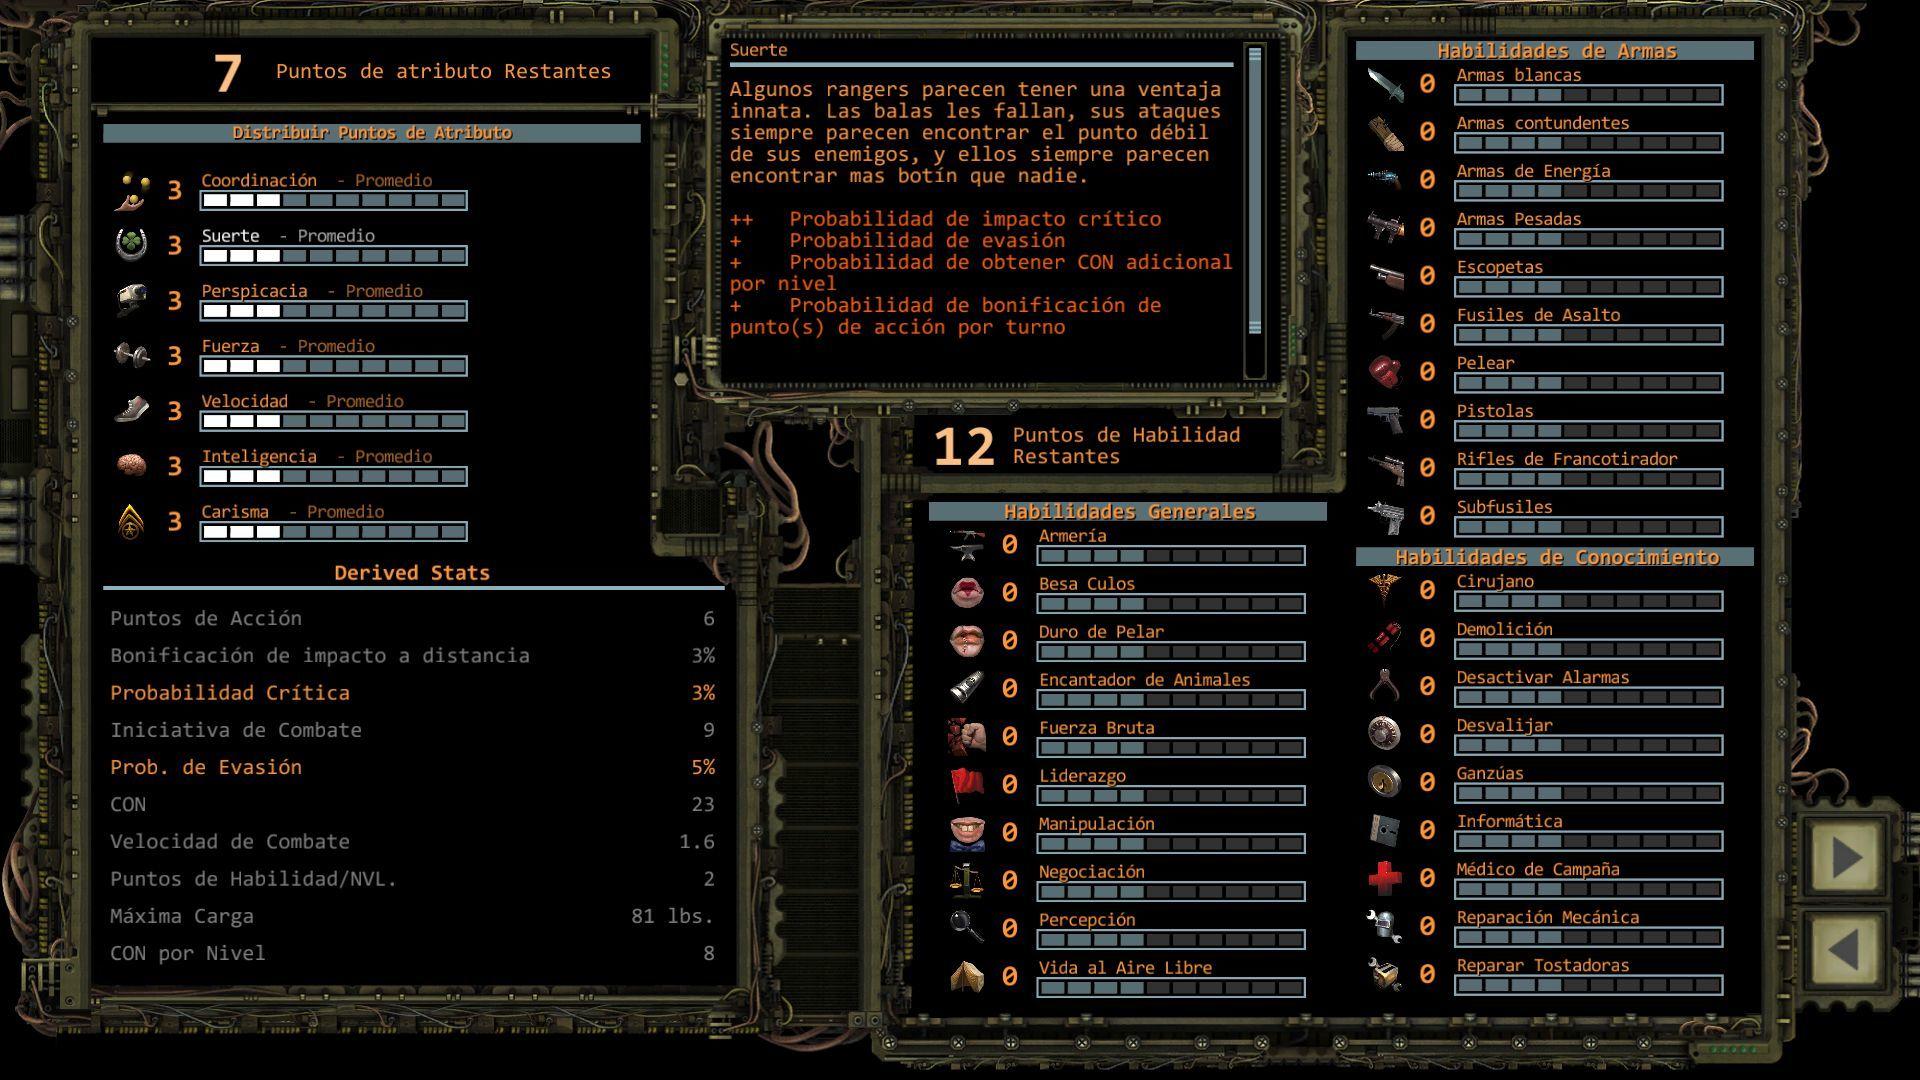 Foto de Distribución de puntos de Atributo en Wasteland 2 (4/11)